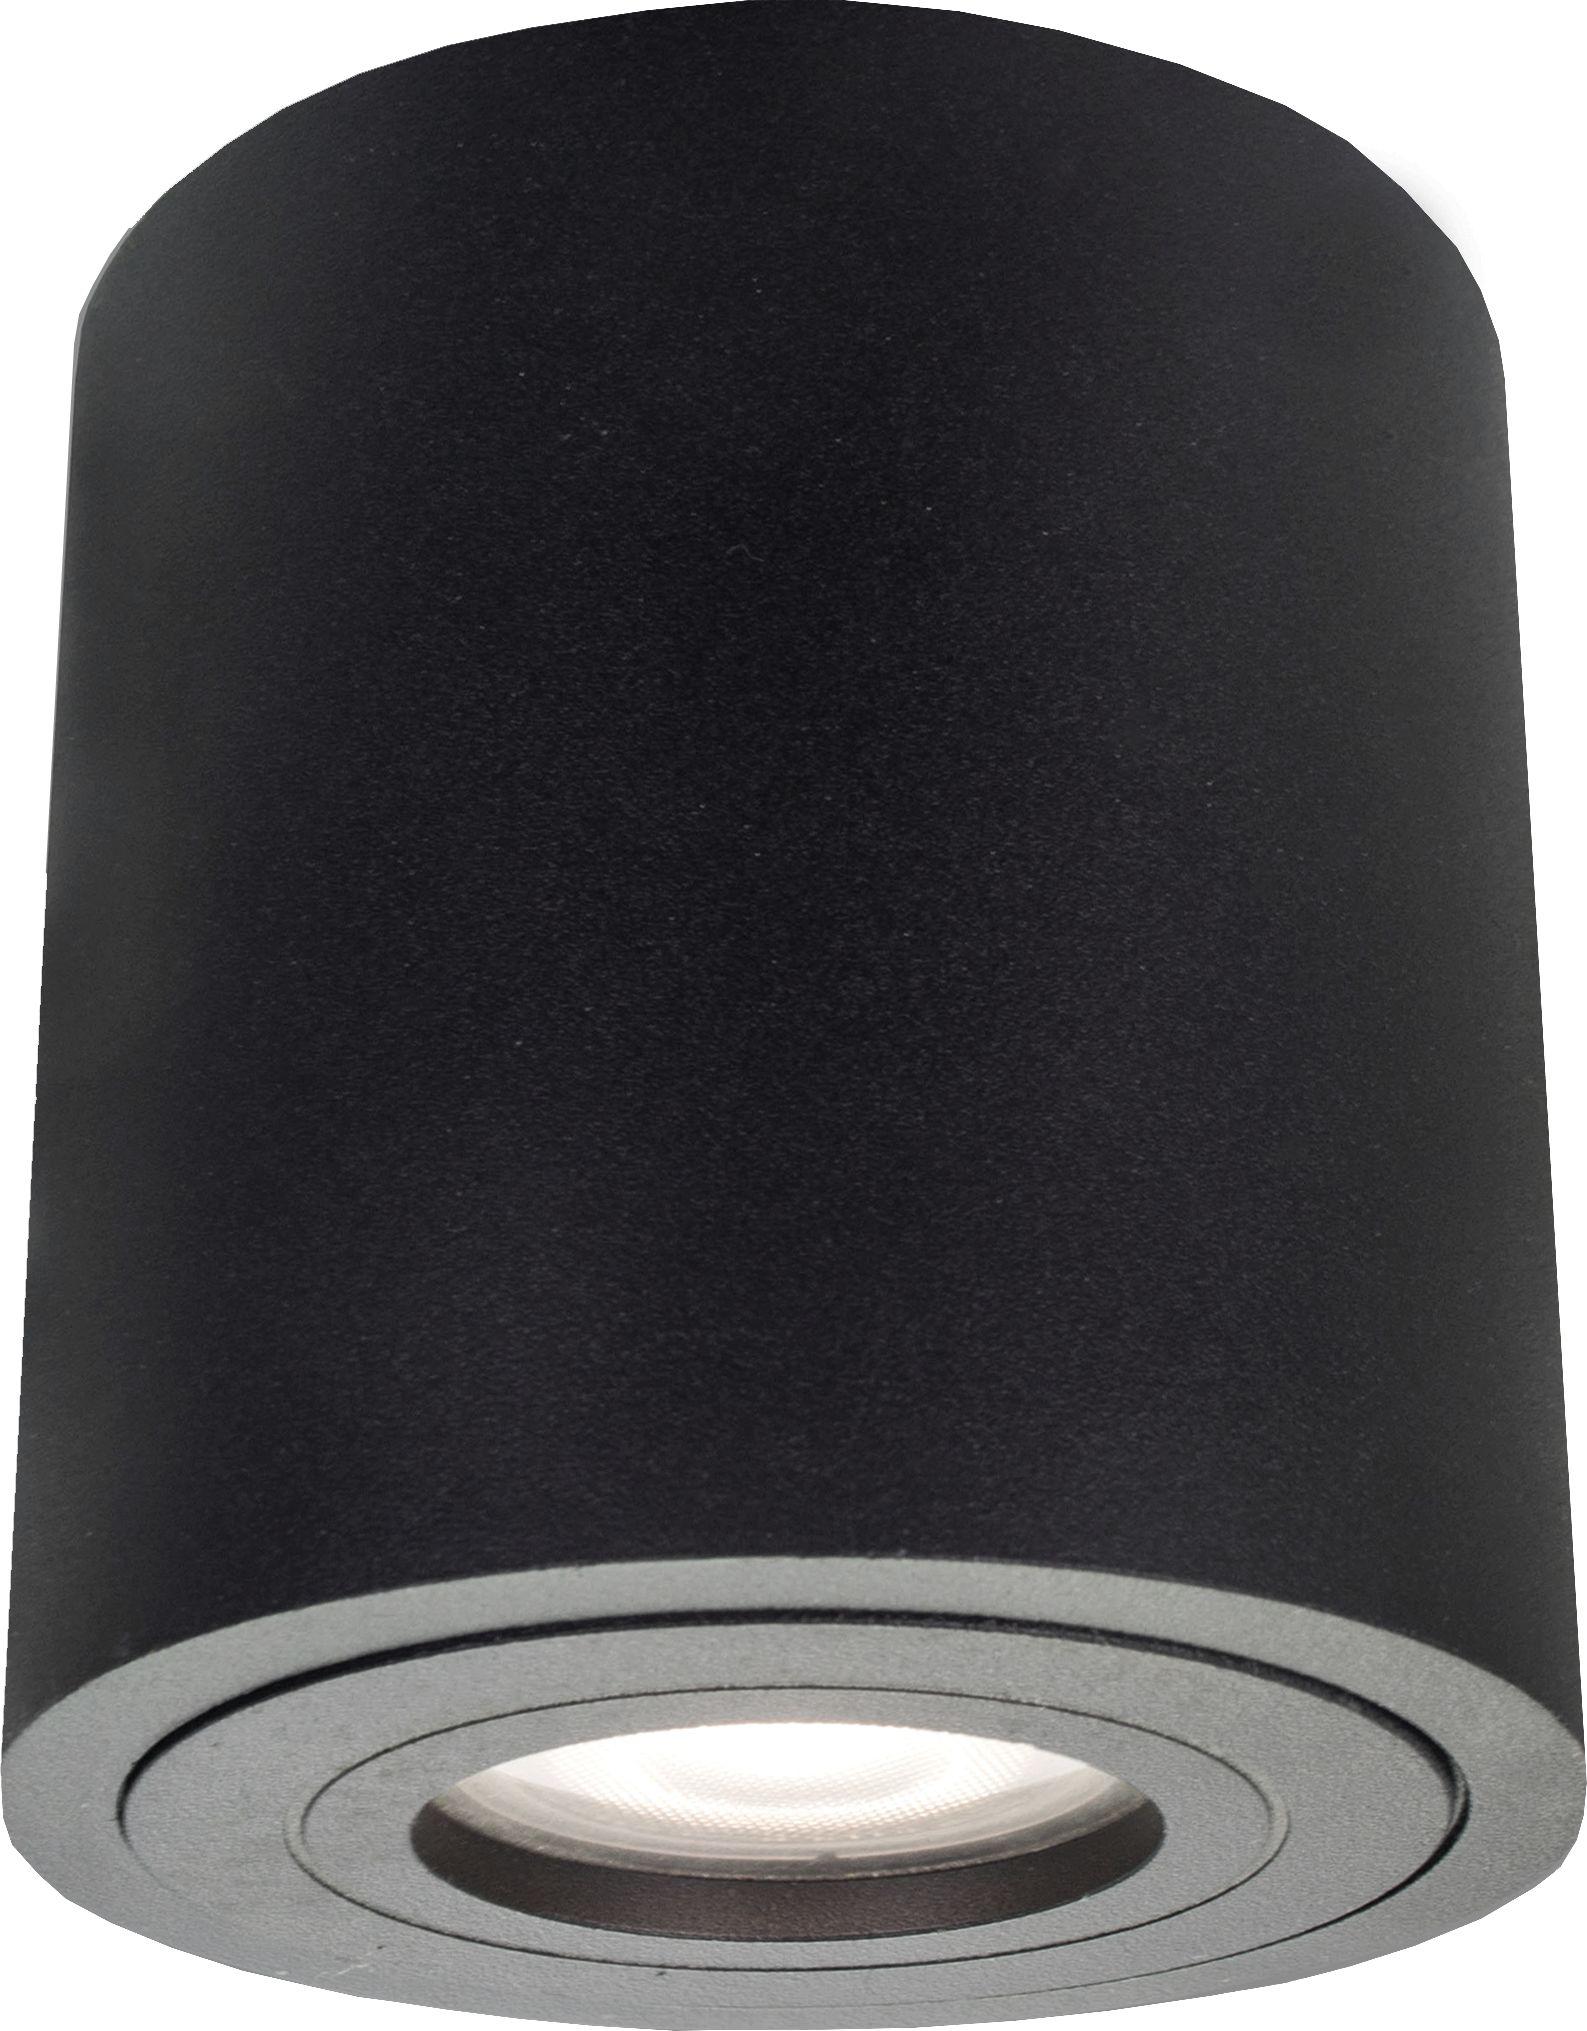 Light Prestige Faro LP-6510/1SM XL IP65 BK oprawa stropowa natynkowa metalowa czarna tuba 1x50W GU10 IP65 9,5cm